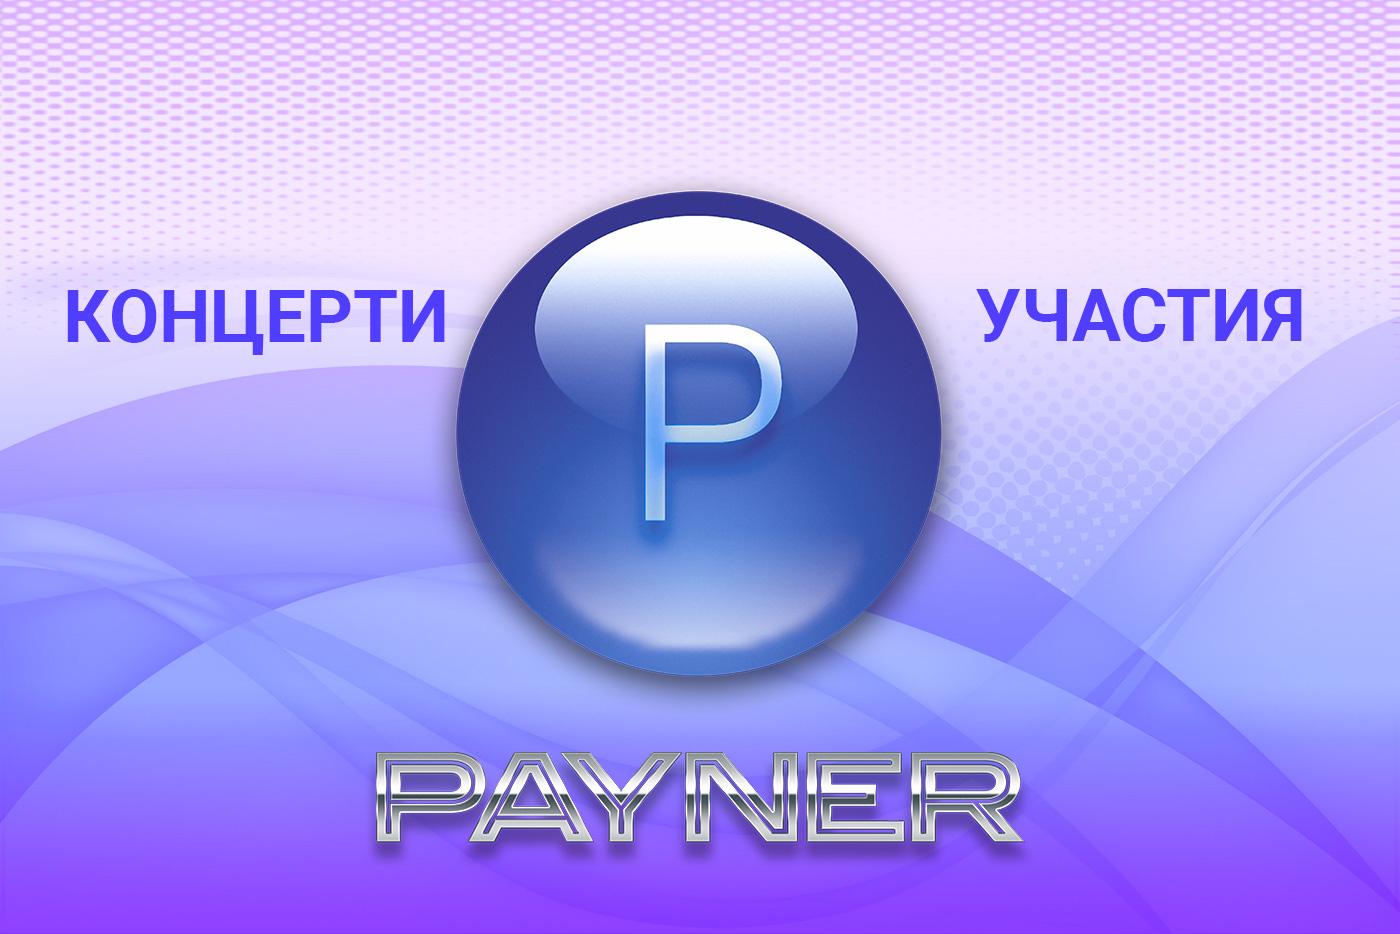 """Участия на звездите на """"Пайнер"""" на 26.02.2020"""